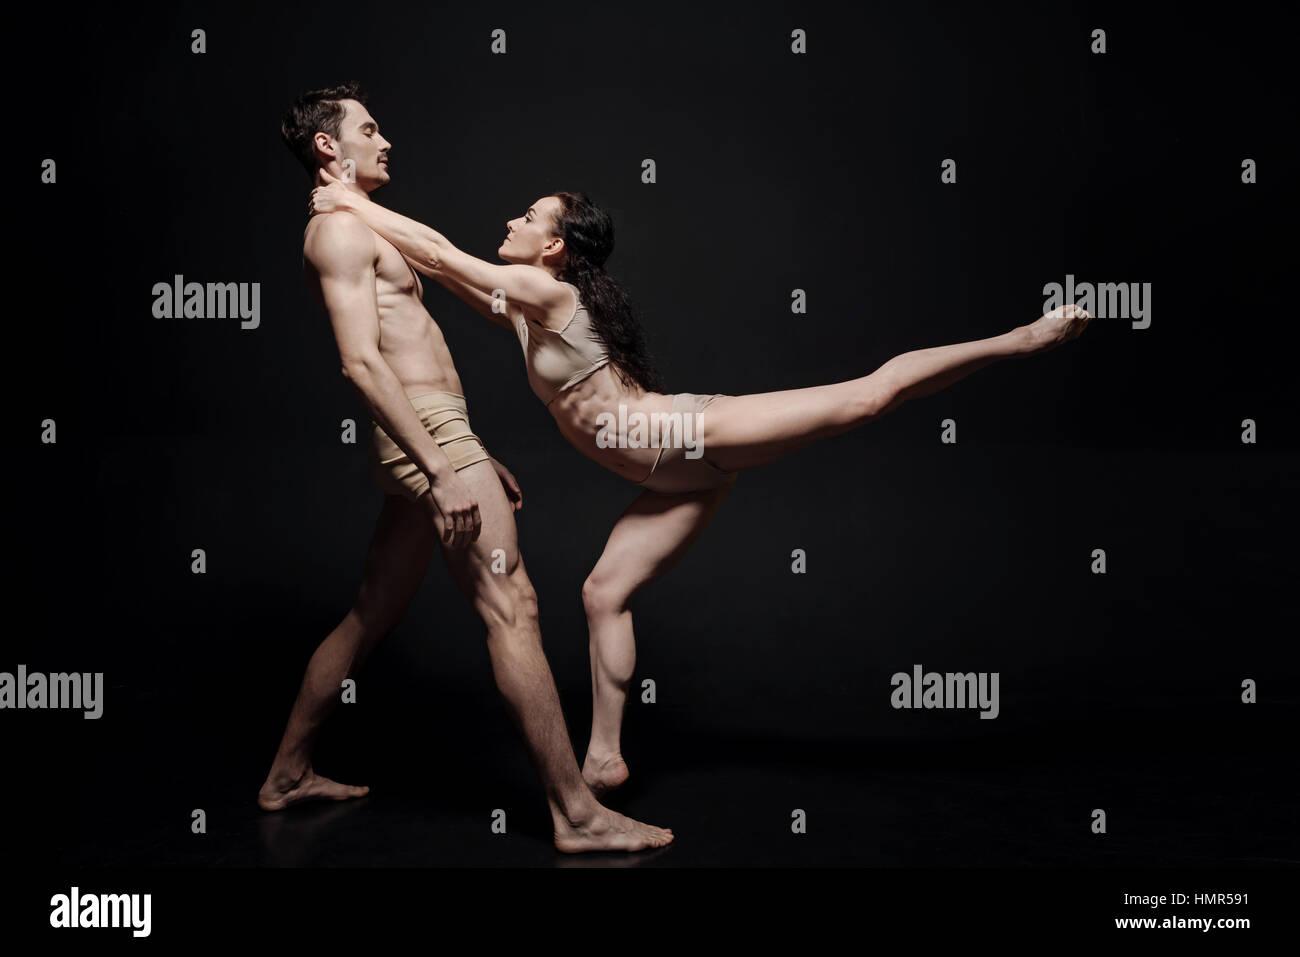 Schöne junge Tanz paar Teilnahme in der Performancekunst Stockbild